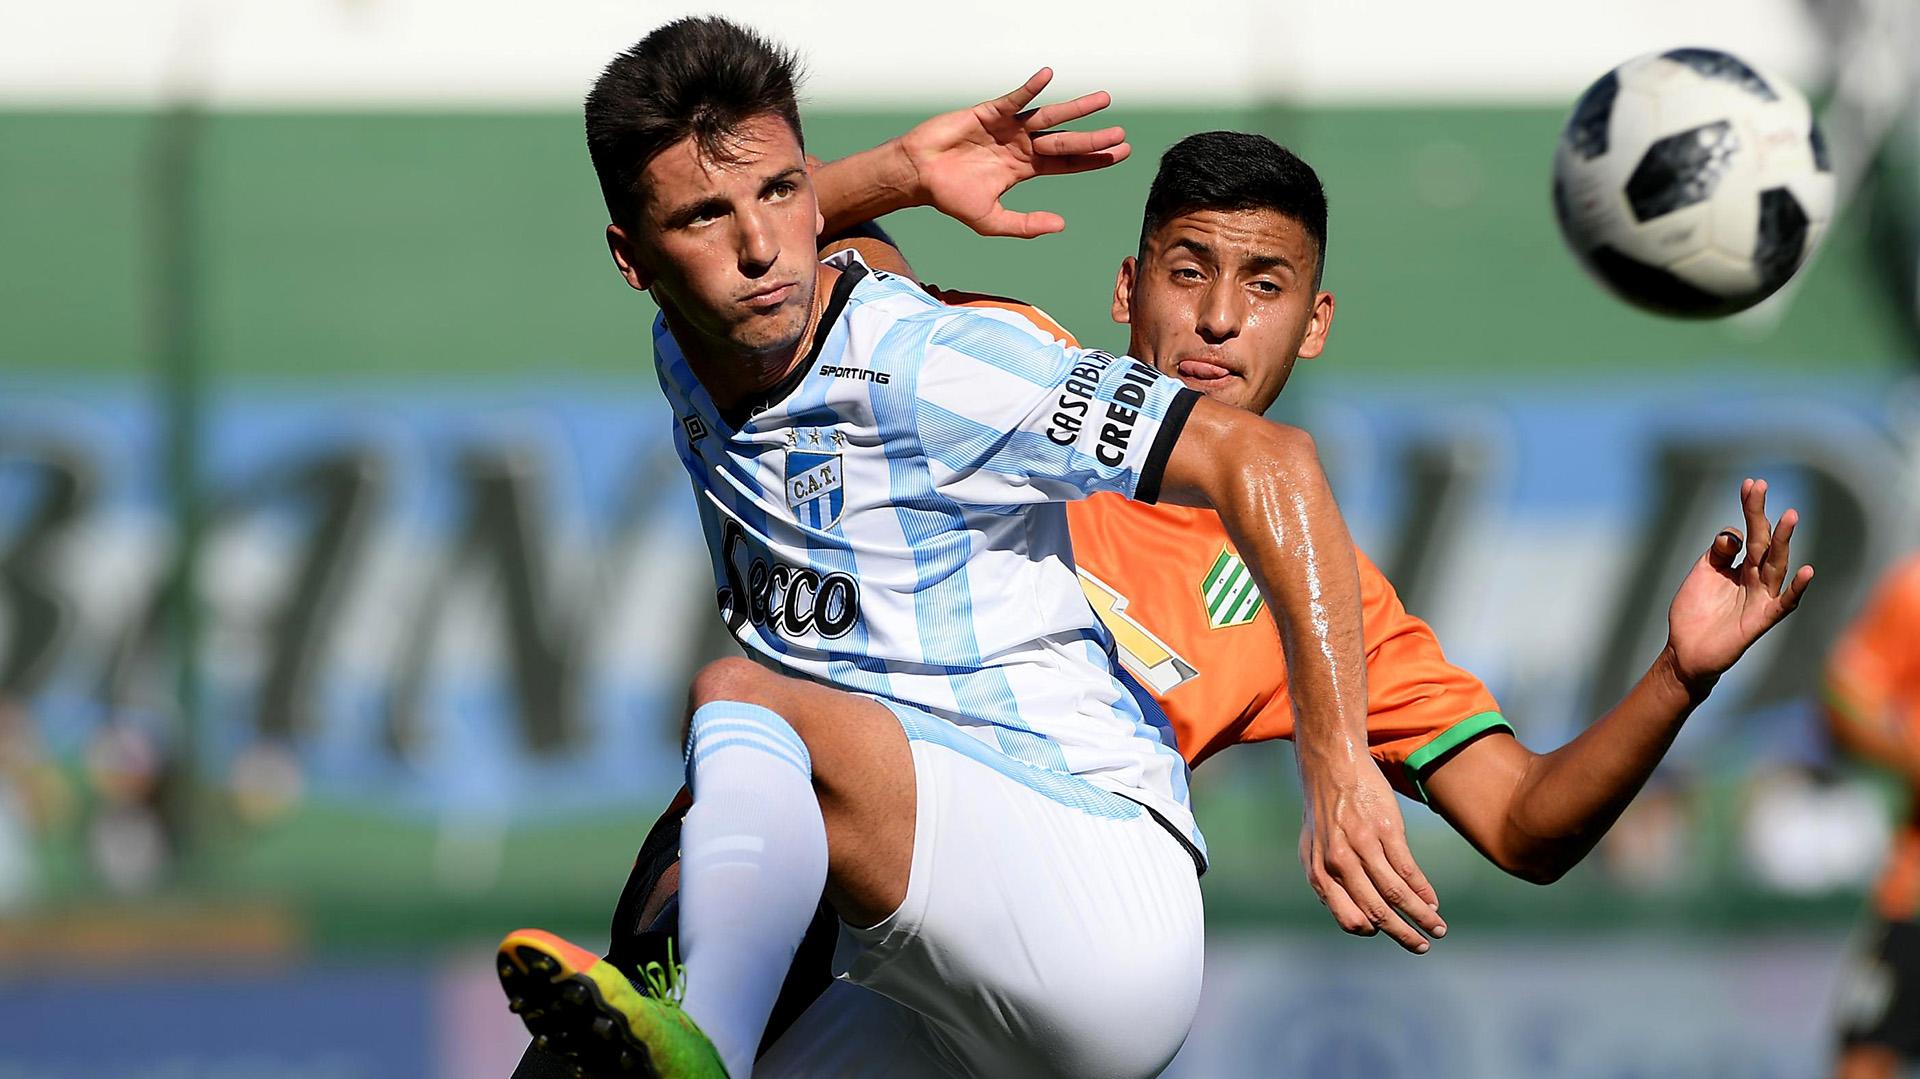 Atlético Tucumán empató sin goles en su visita a un Banfield alternativo -  Infobae